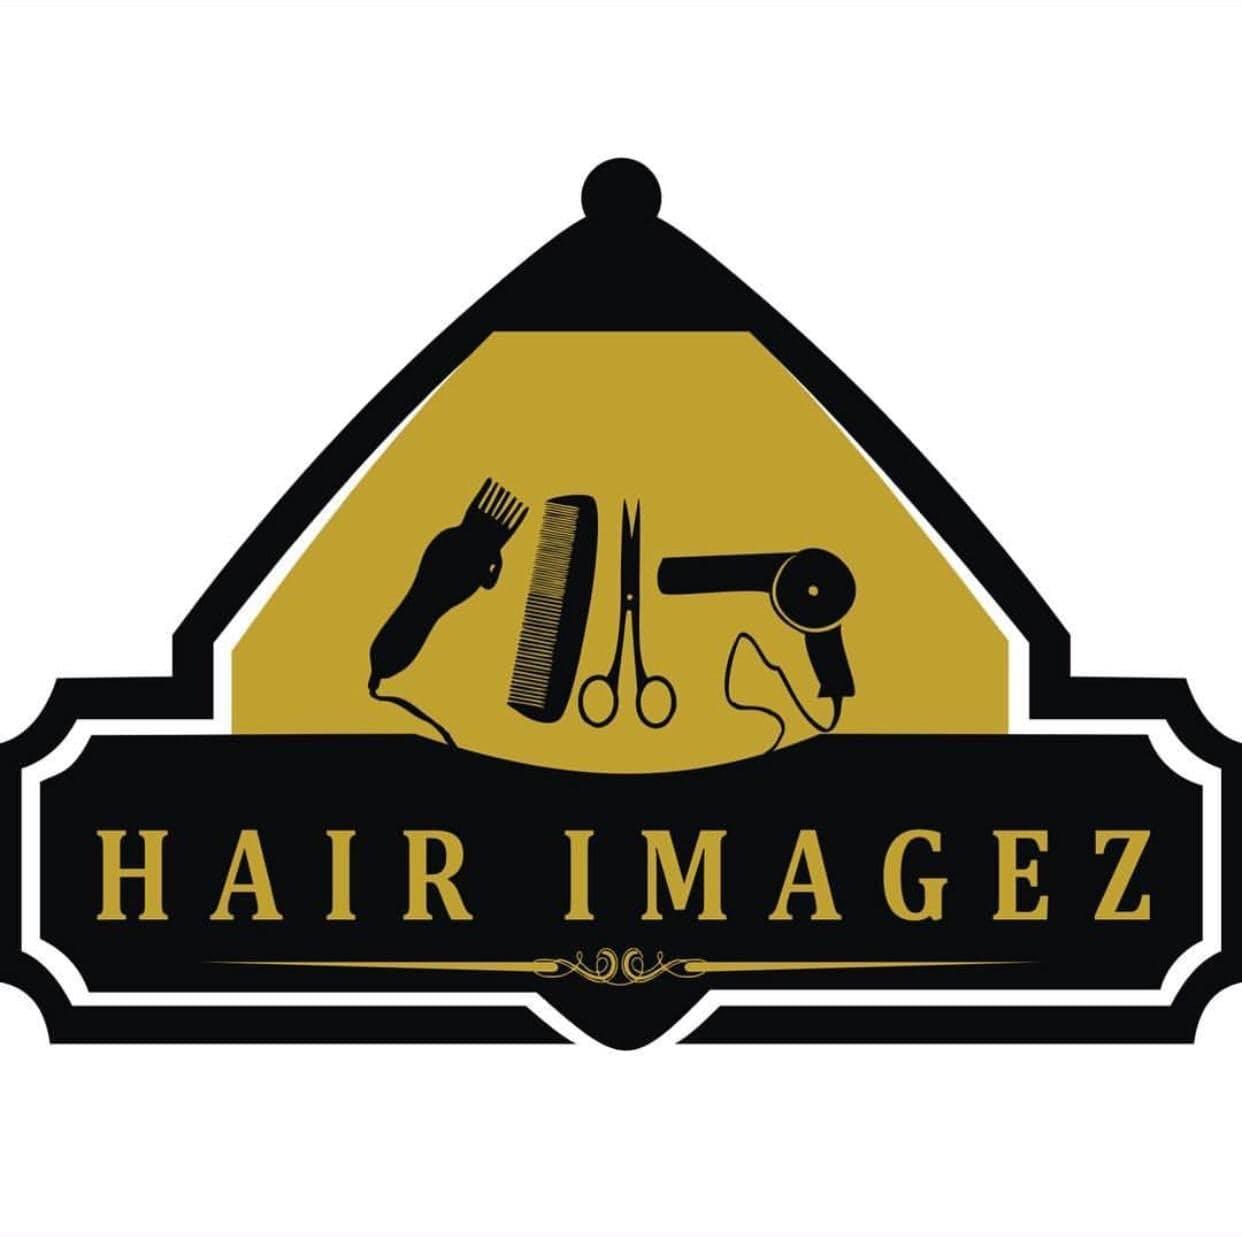 Hair Imagez